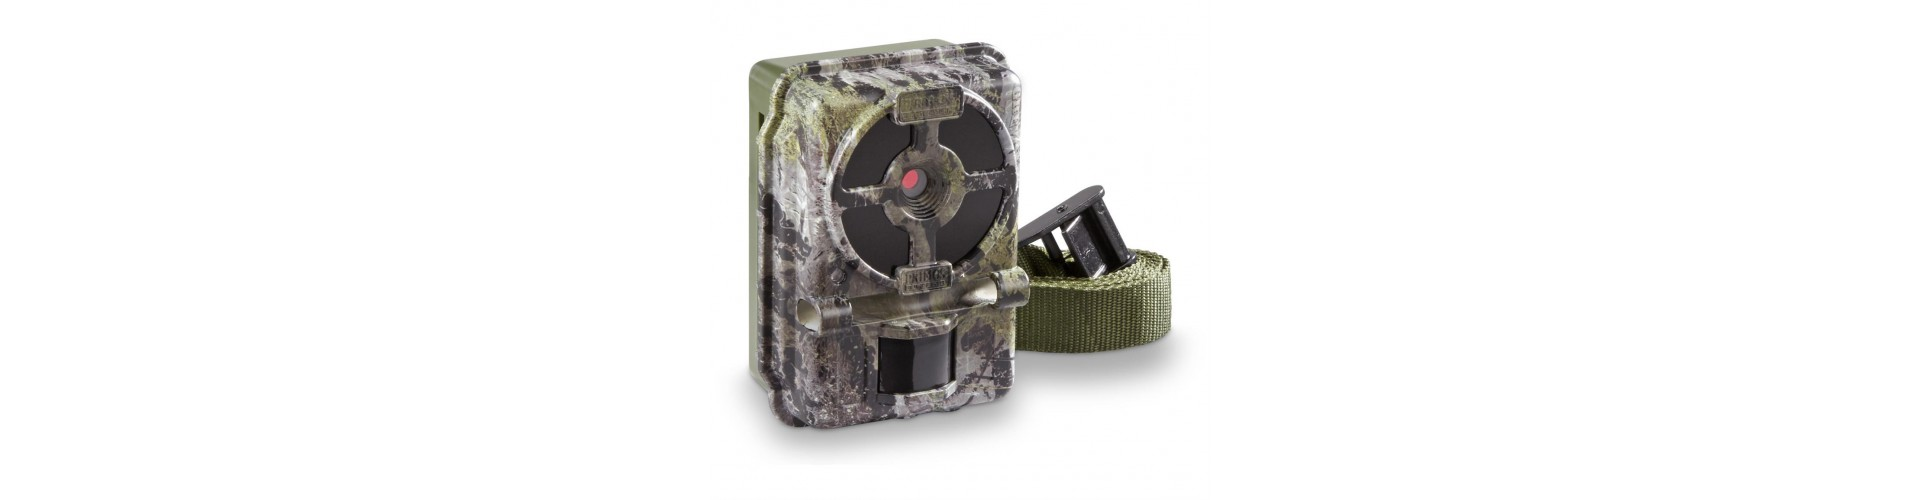 Vildtkamera med SD kort - Køb almindelige vildtkameraer med SD kort her